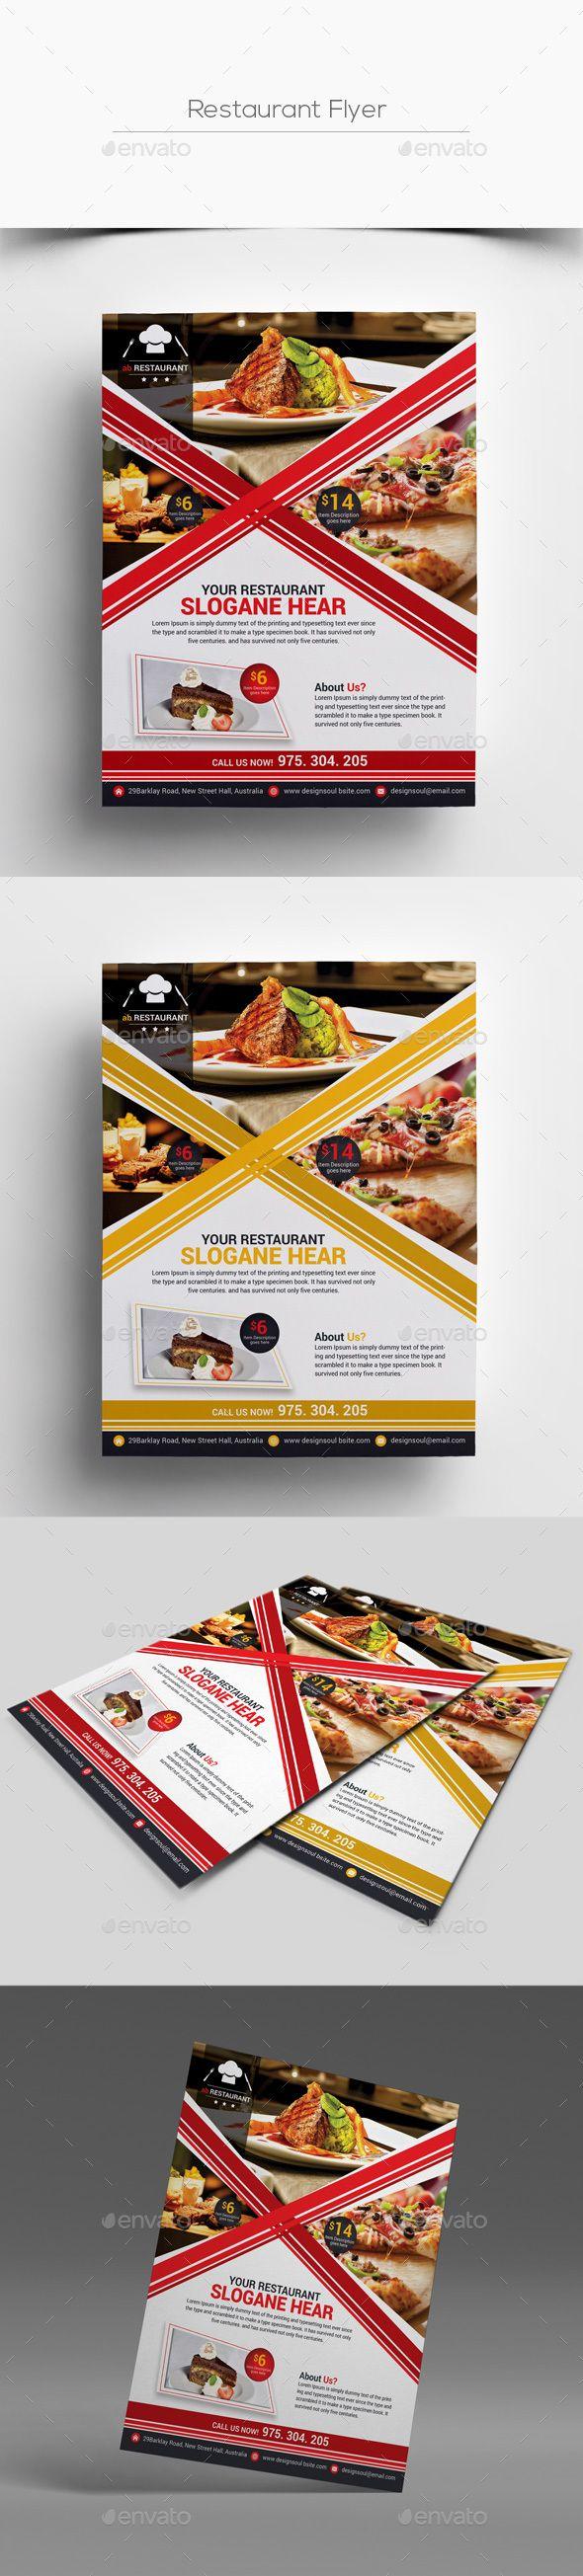 Restaurant Flyer  Restaurants Layout Design And Adobe Photoshop